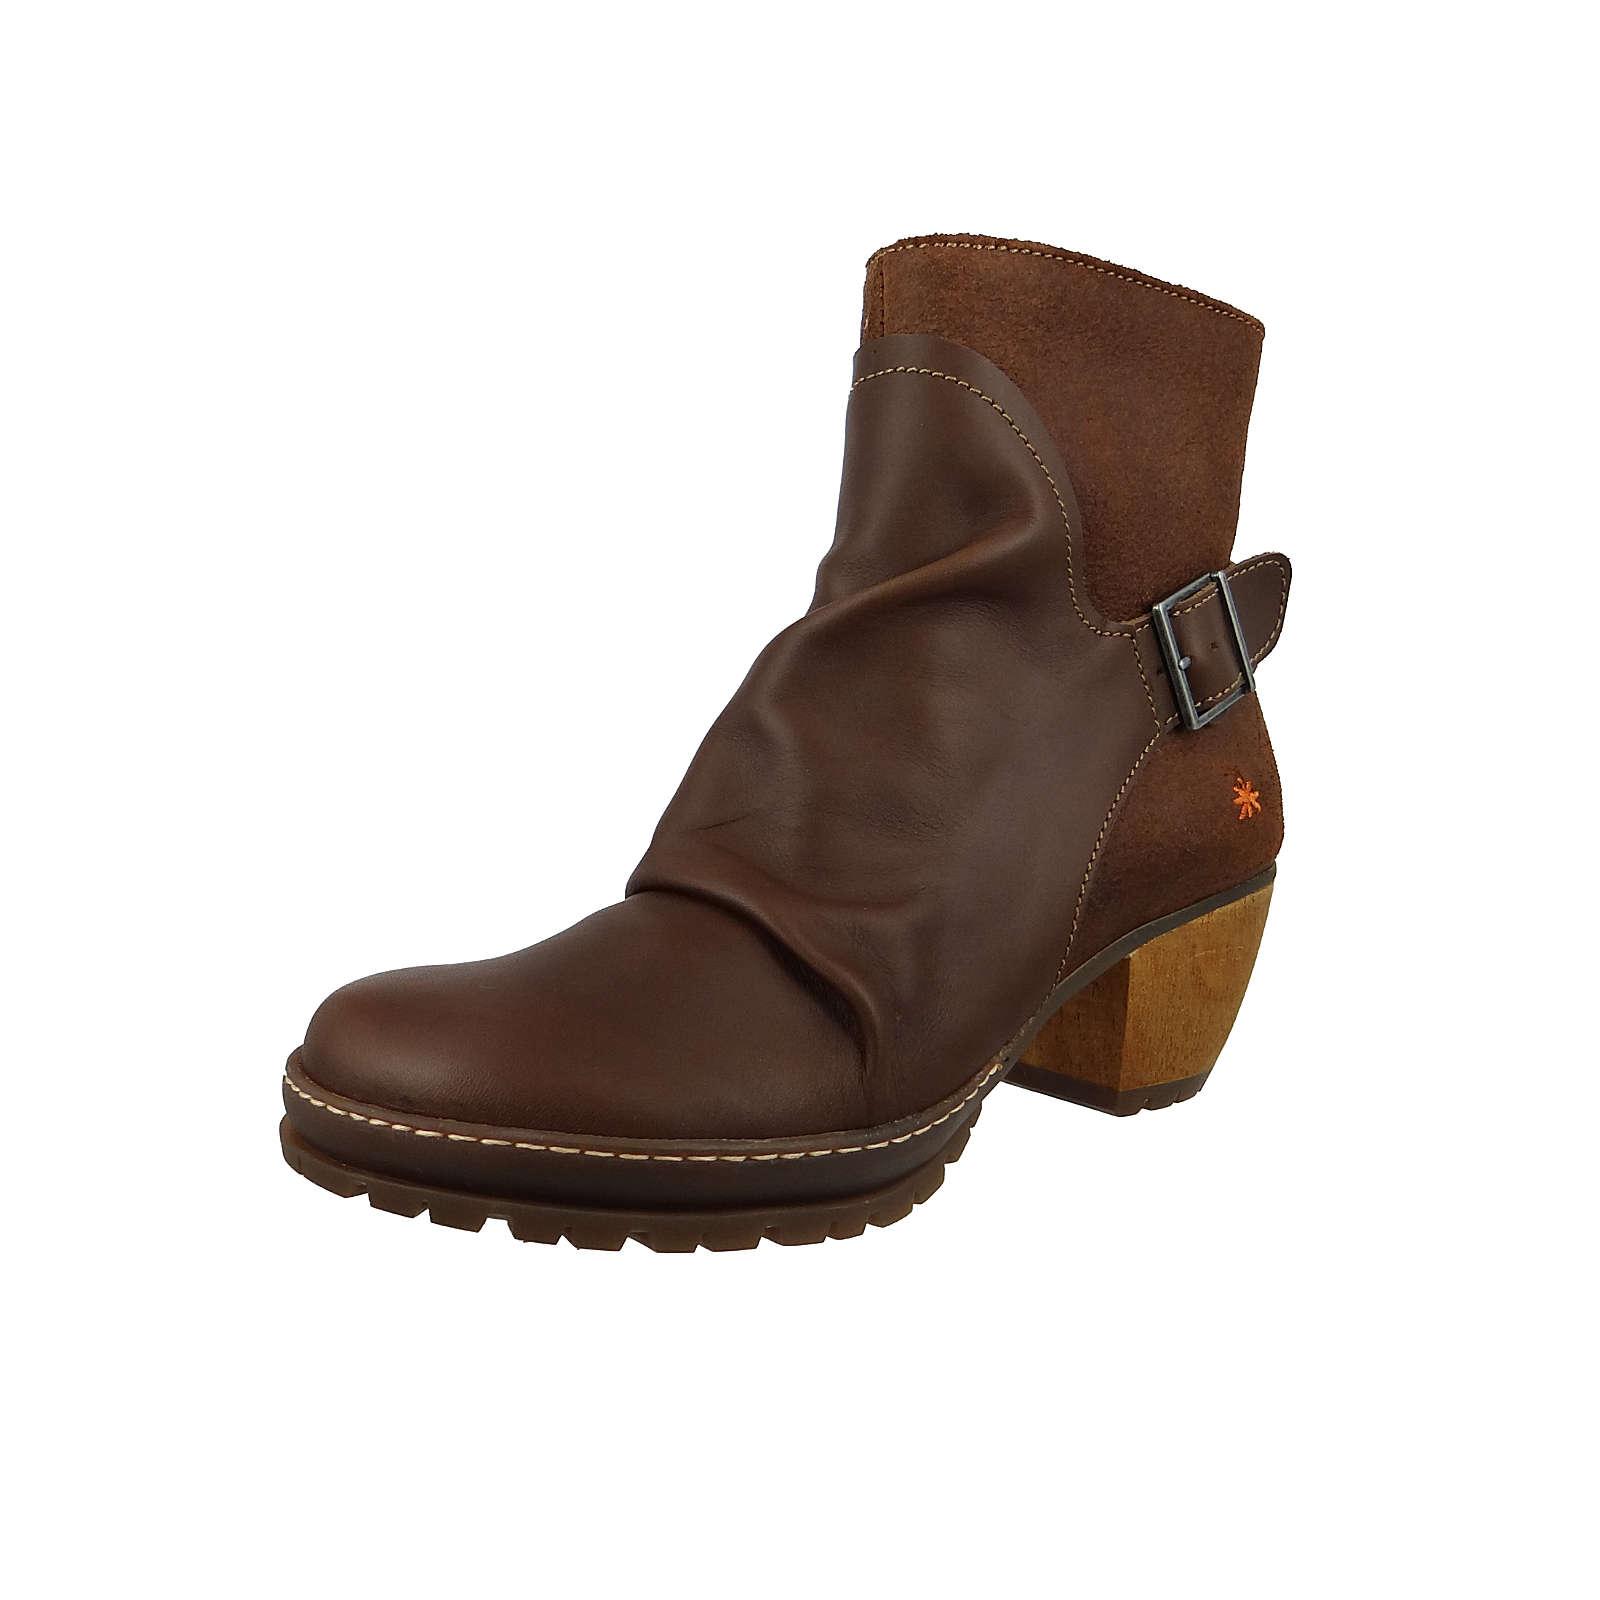 *art Leder Stiefelette Ankle Boot Oslo Braun 0516 Brown Adobe Klassische Stiefeletten braun Damen Gr. 37